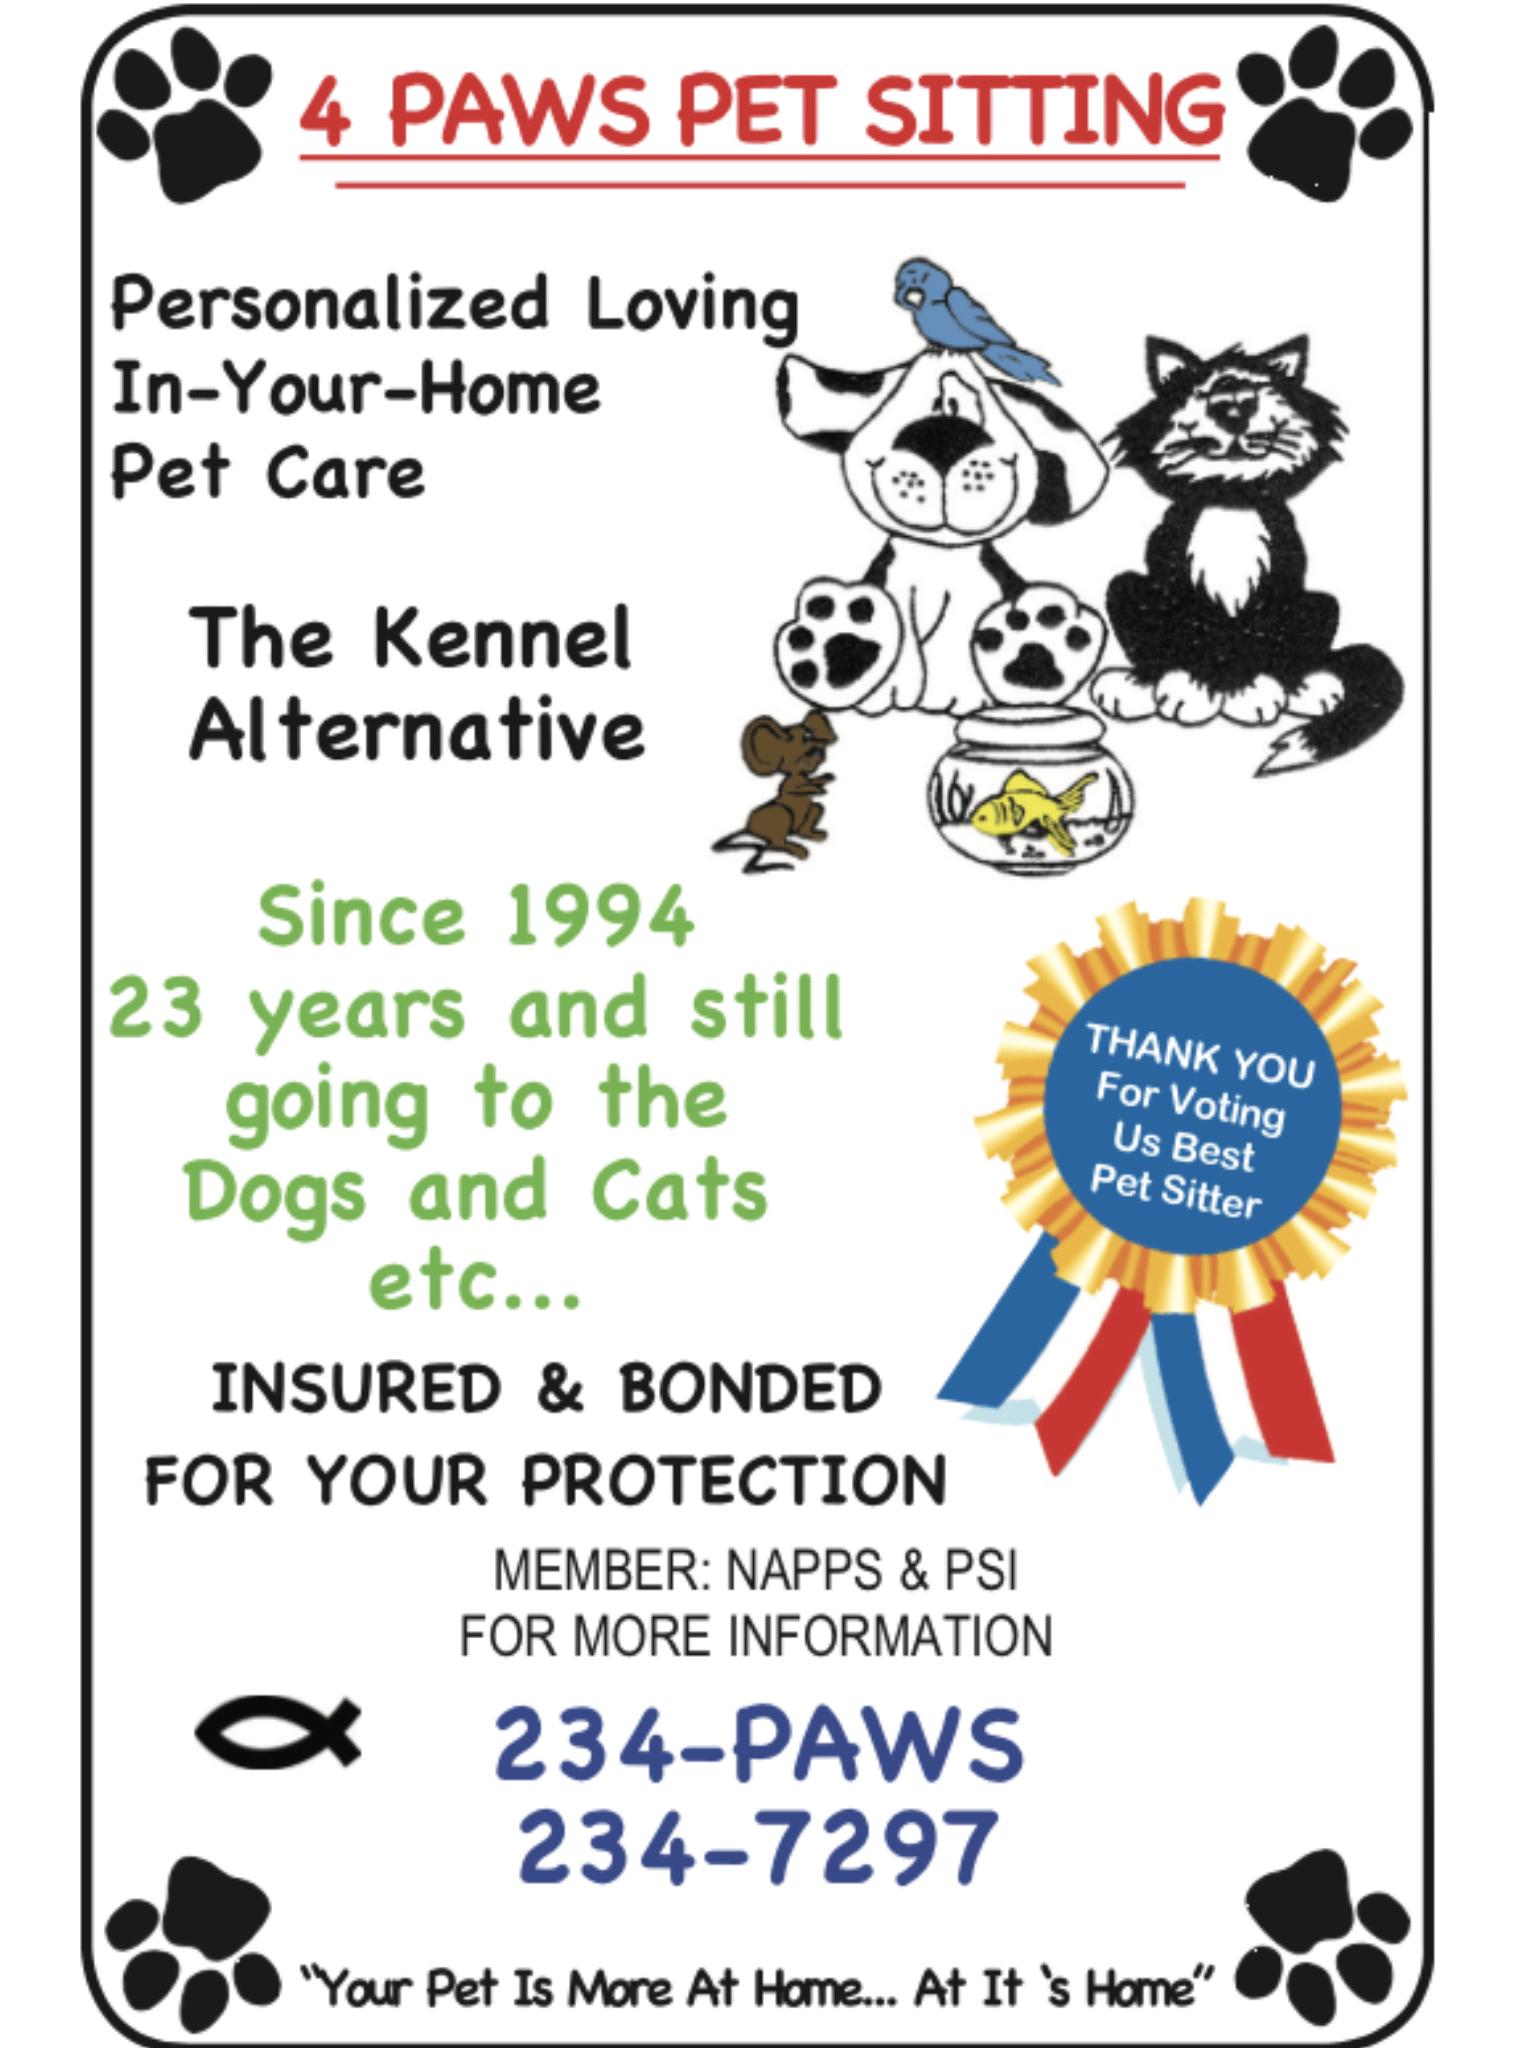 4 Paws Pet Sitting